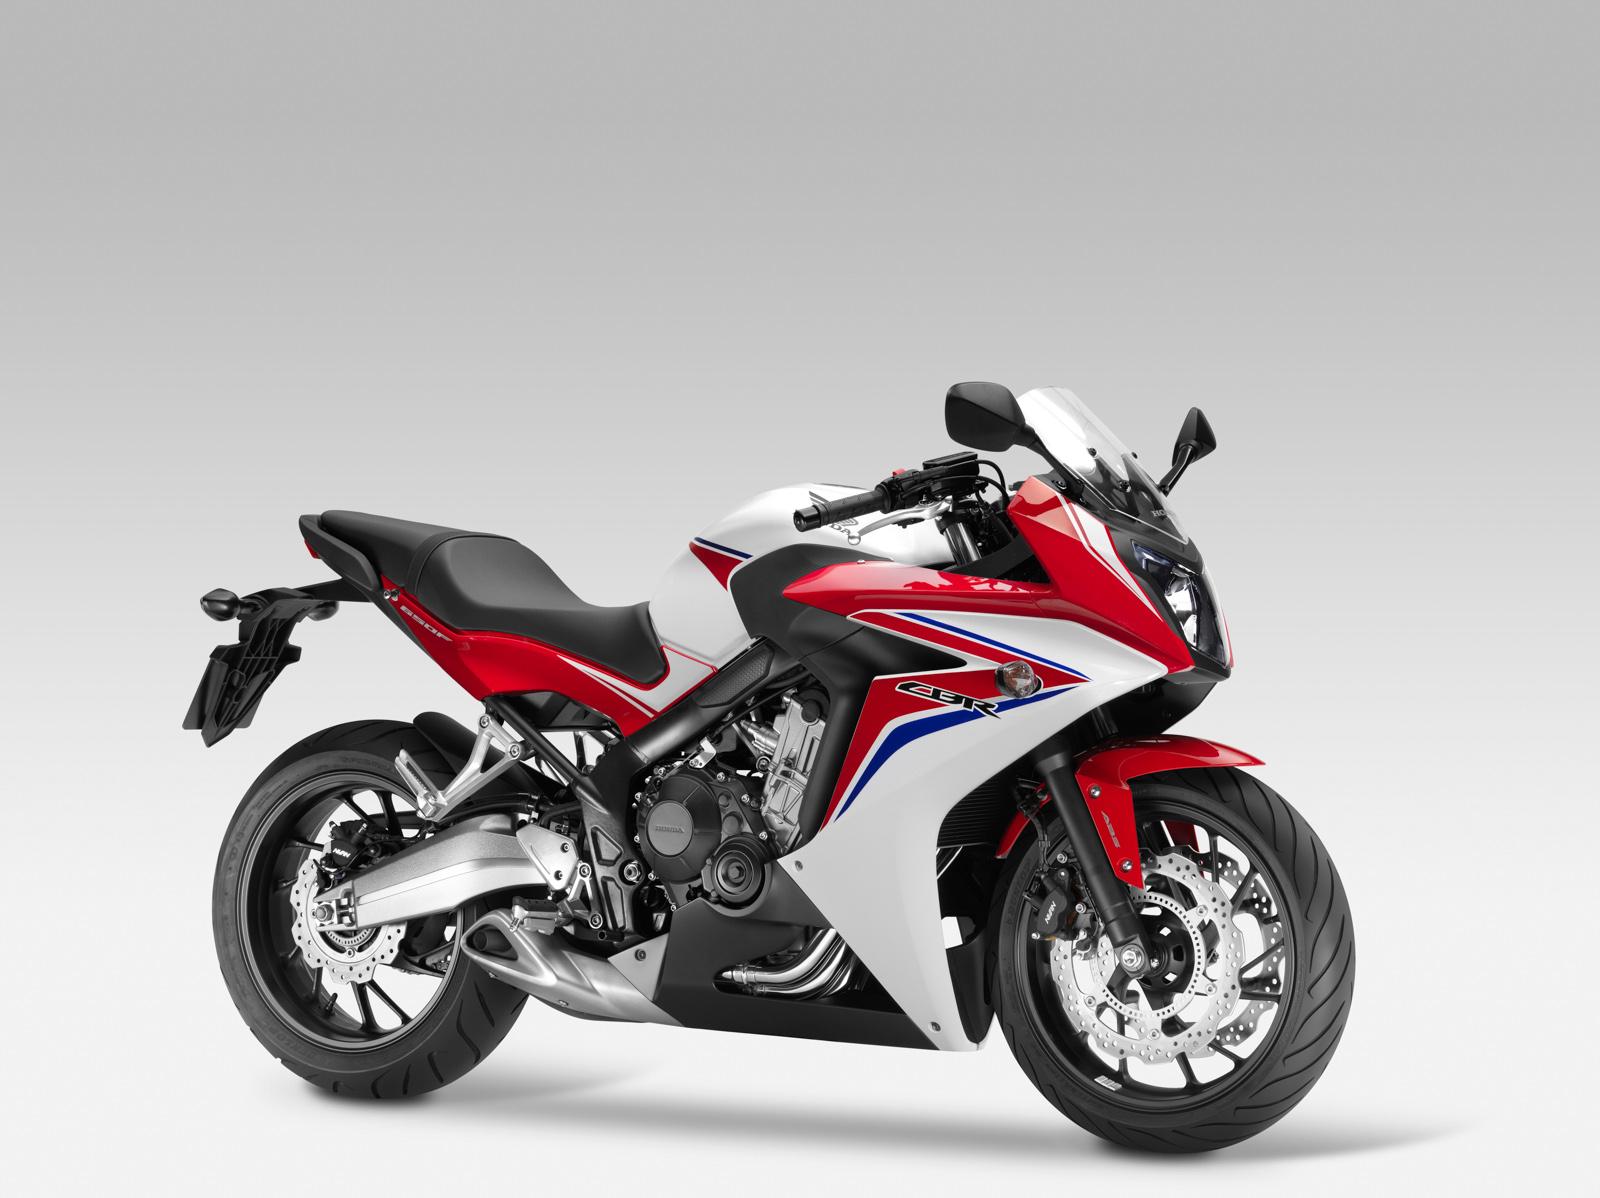 En 2014 Honda améliore et présente de nouveaux modèles [sponsorisé]